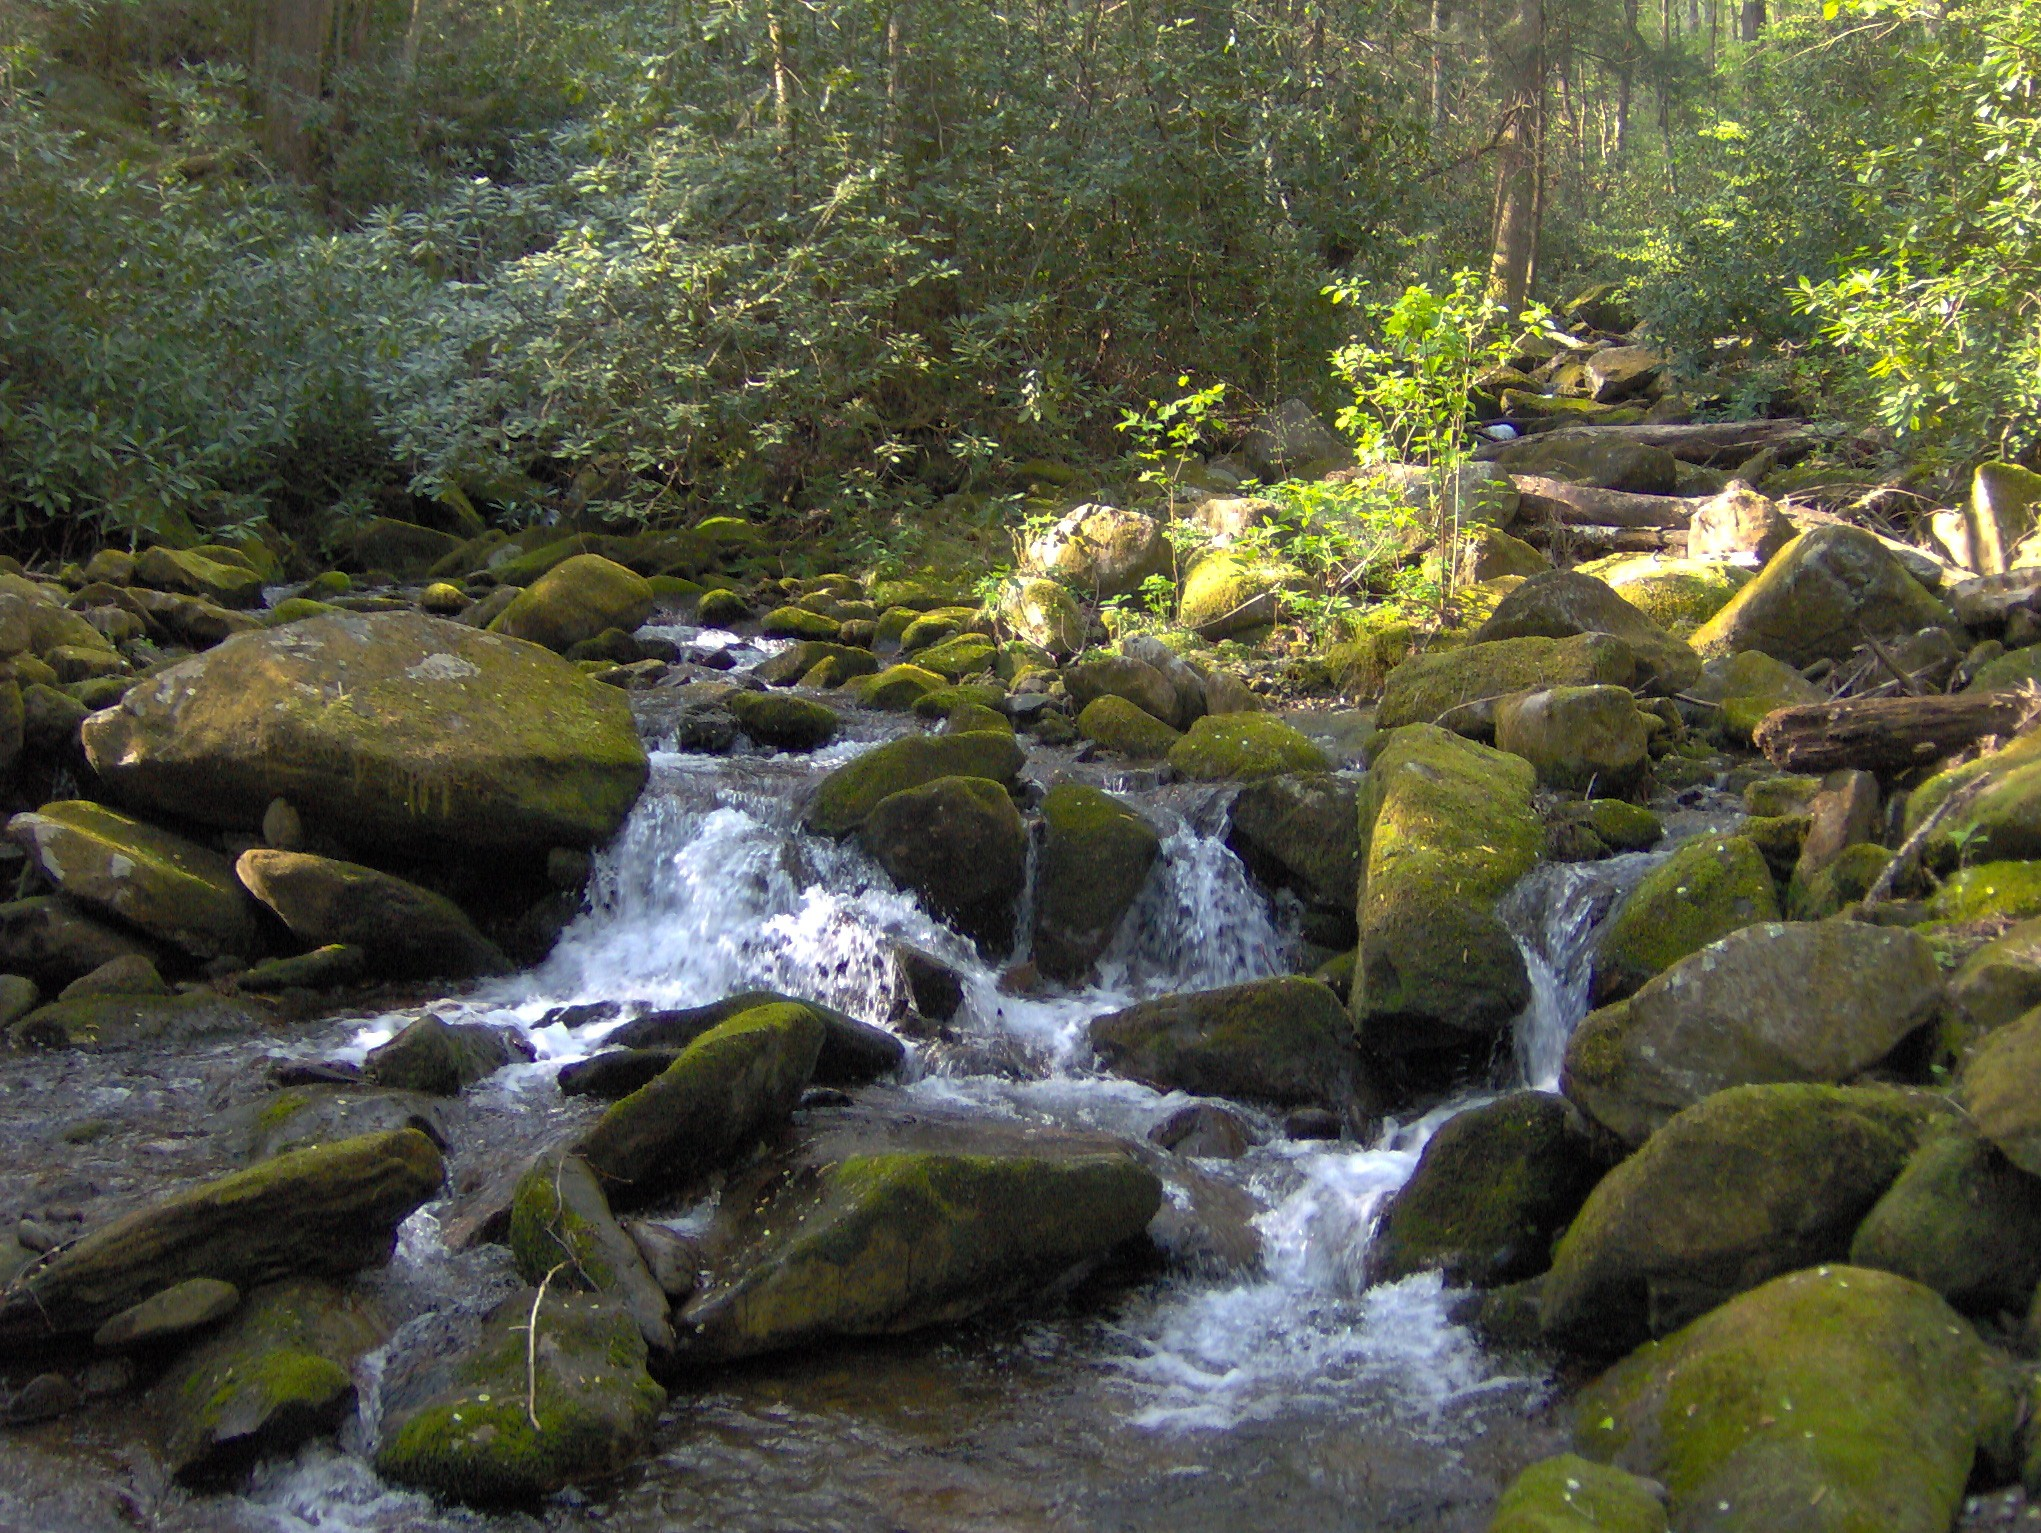 File:Rock-creek-gsmnp1.jpg - Wikimedia Commons